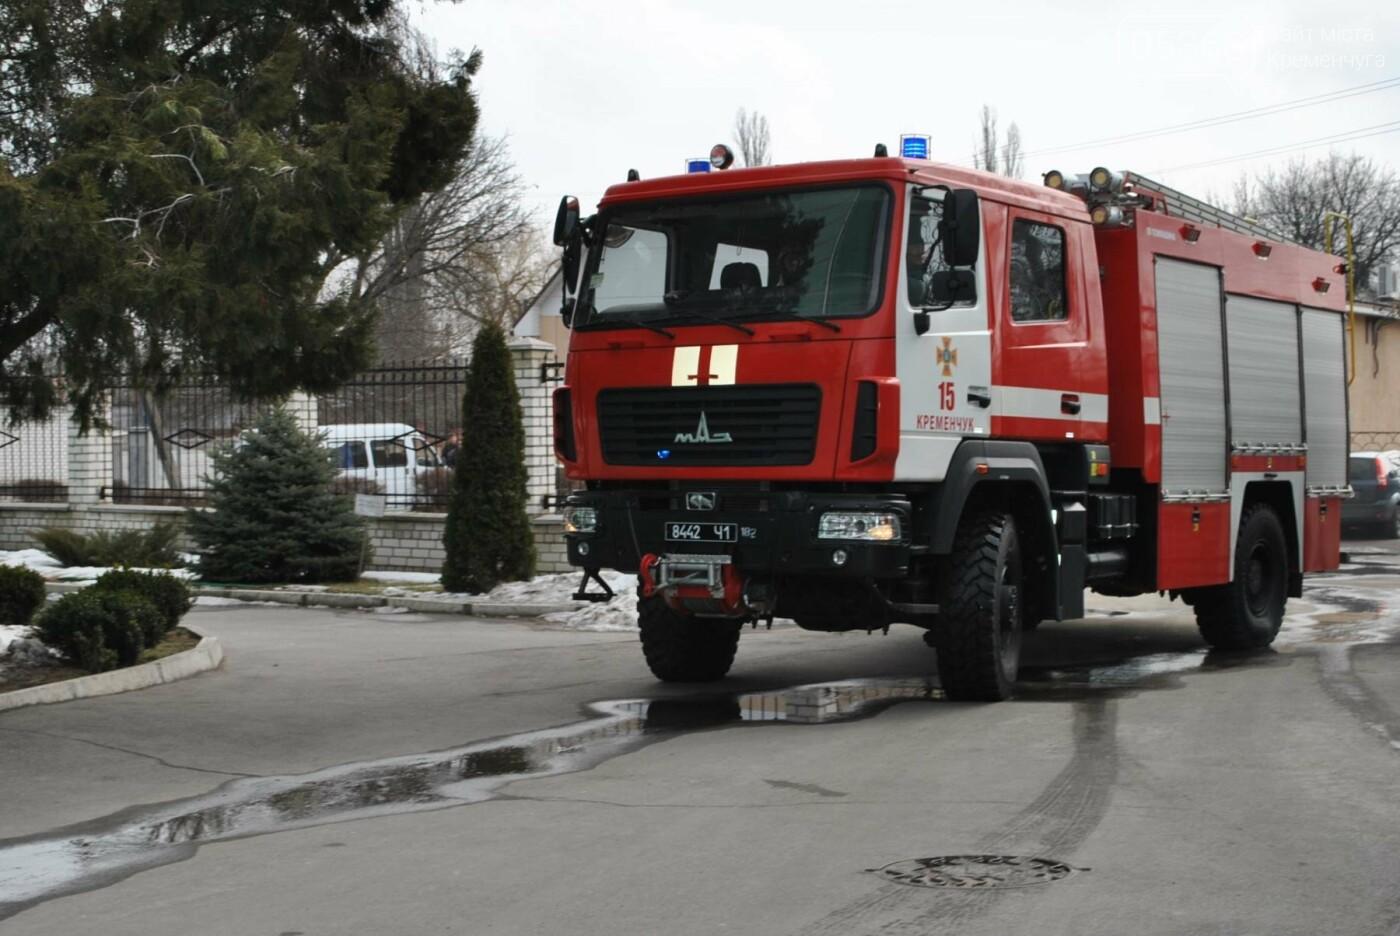 Яка ситуація склалася у Кременчуці з пожежною безпекою?, фото-1